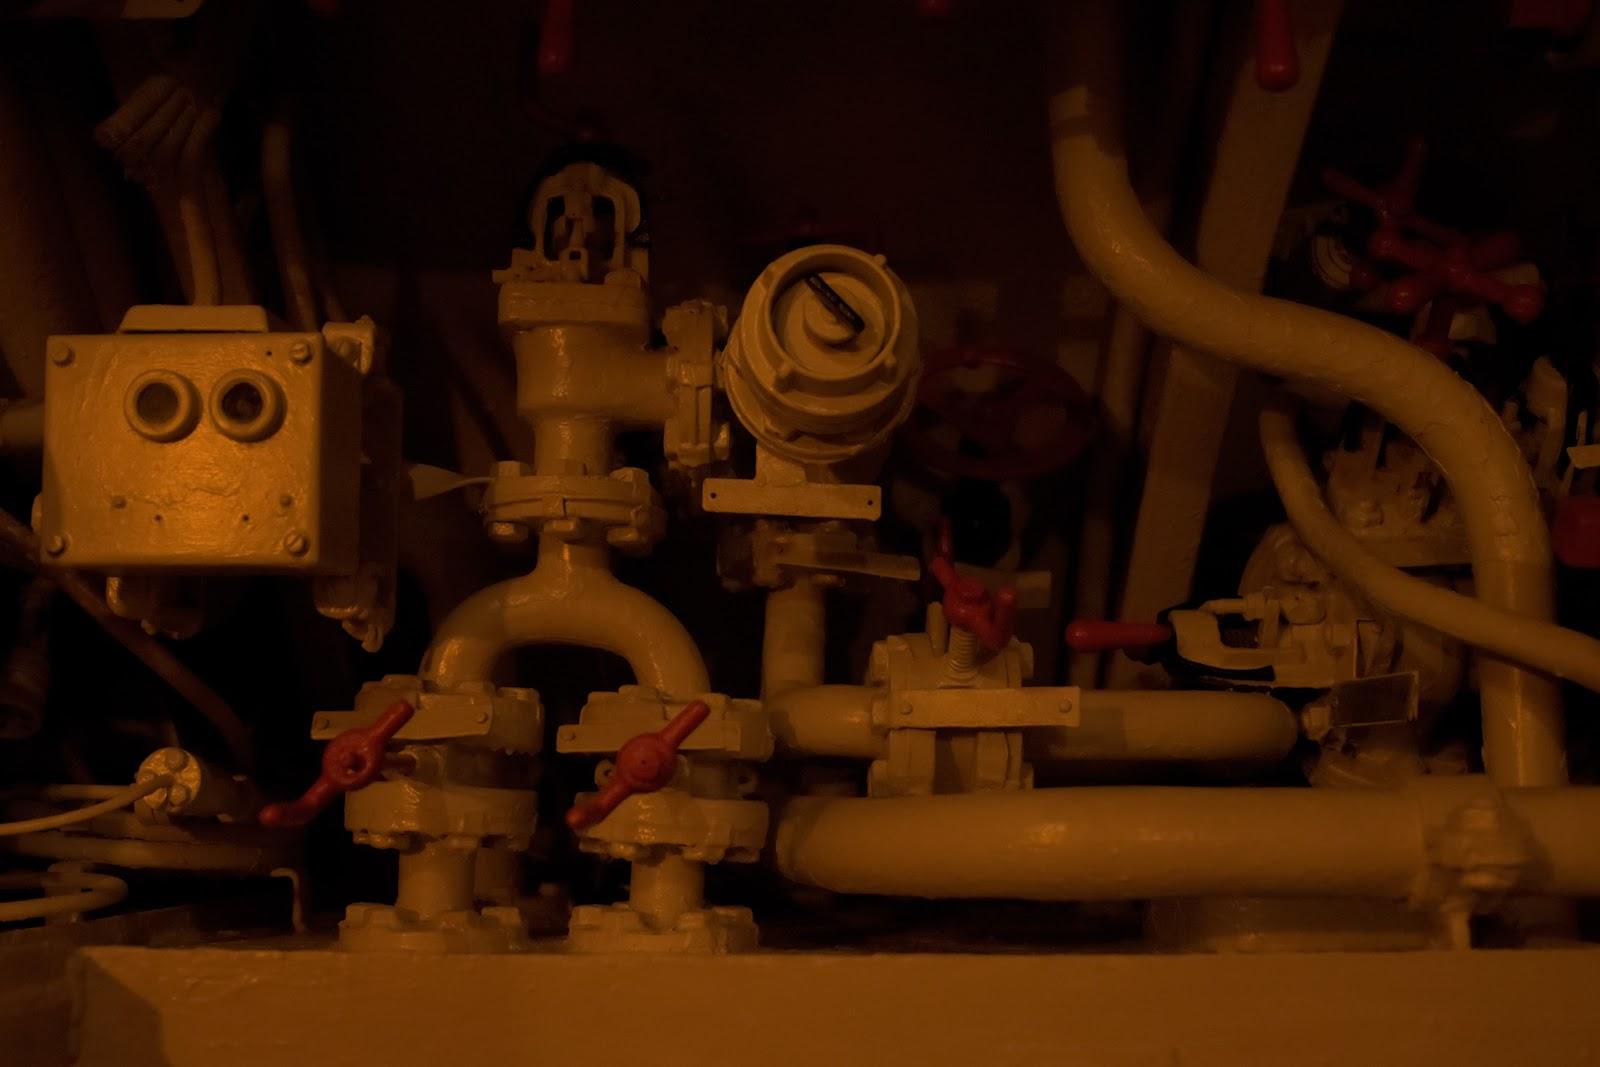 basement plumbing appliances